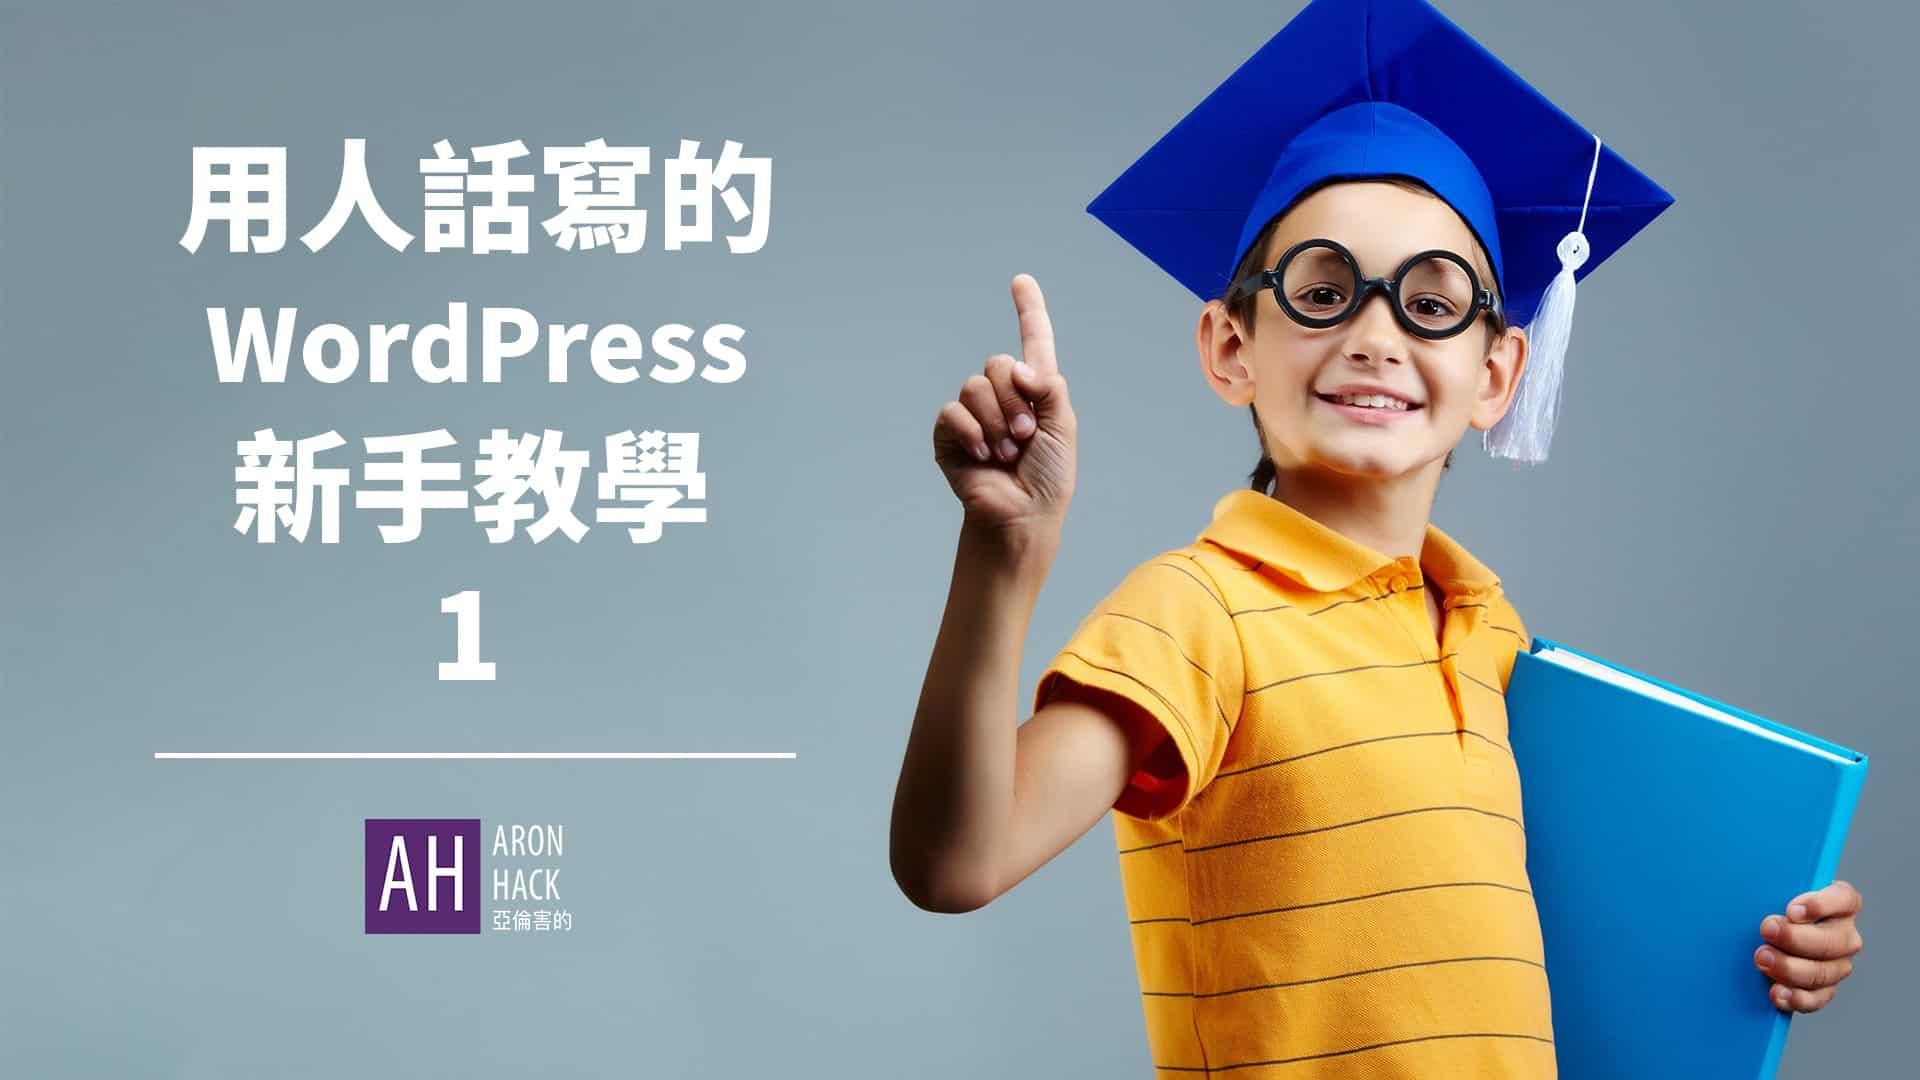 用人話寫的WordPress新手入門教學-1